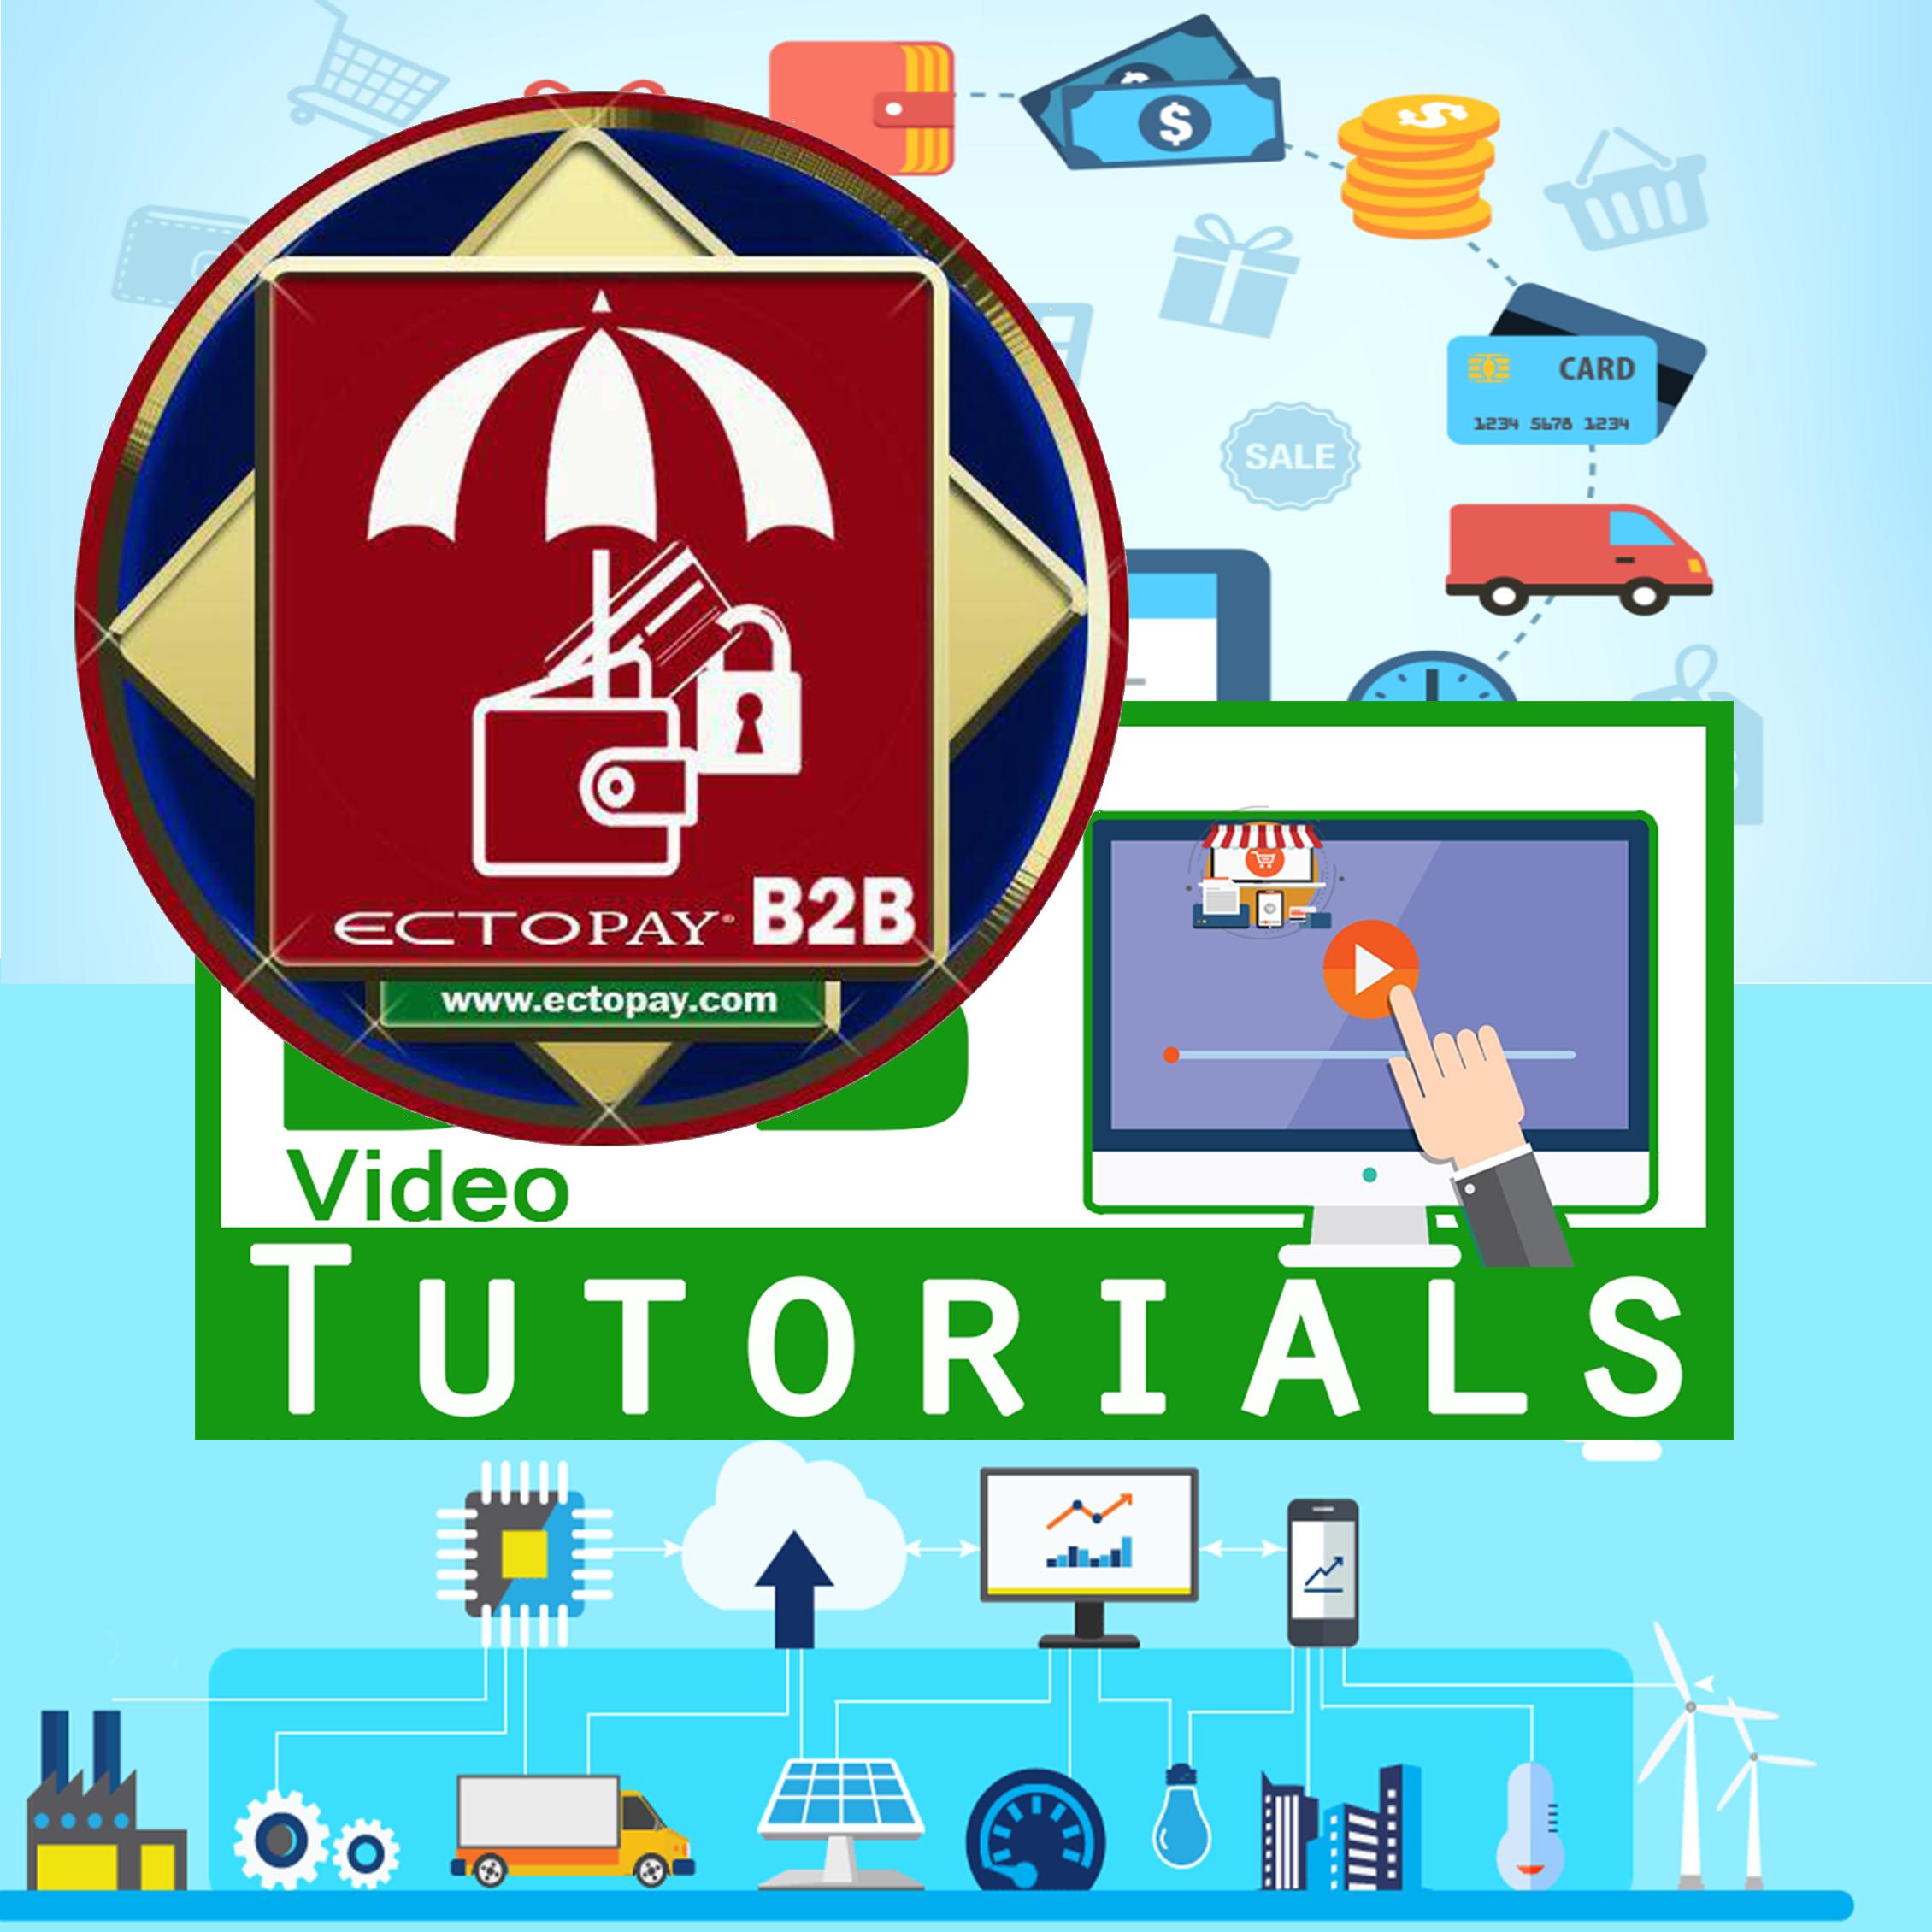 ECTOPAY B2B Video Tutorials